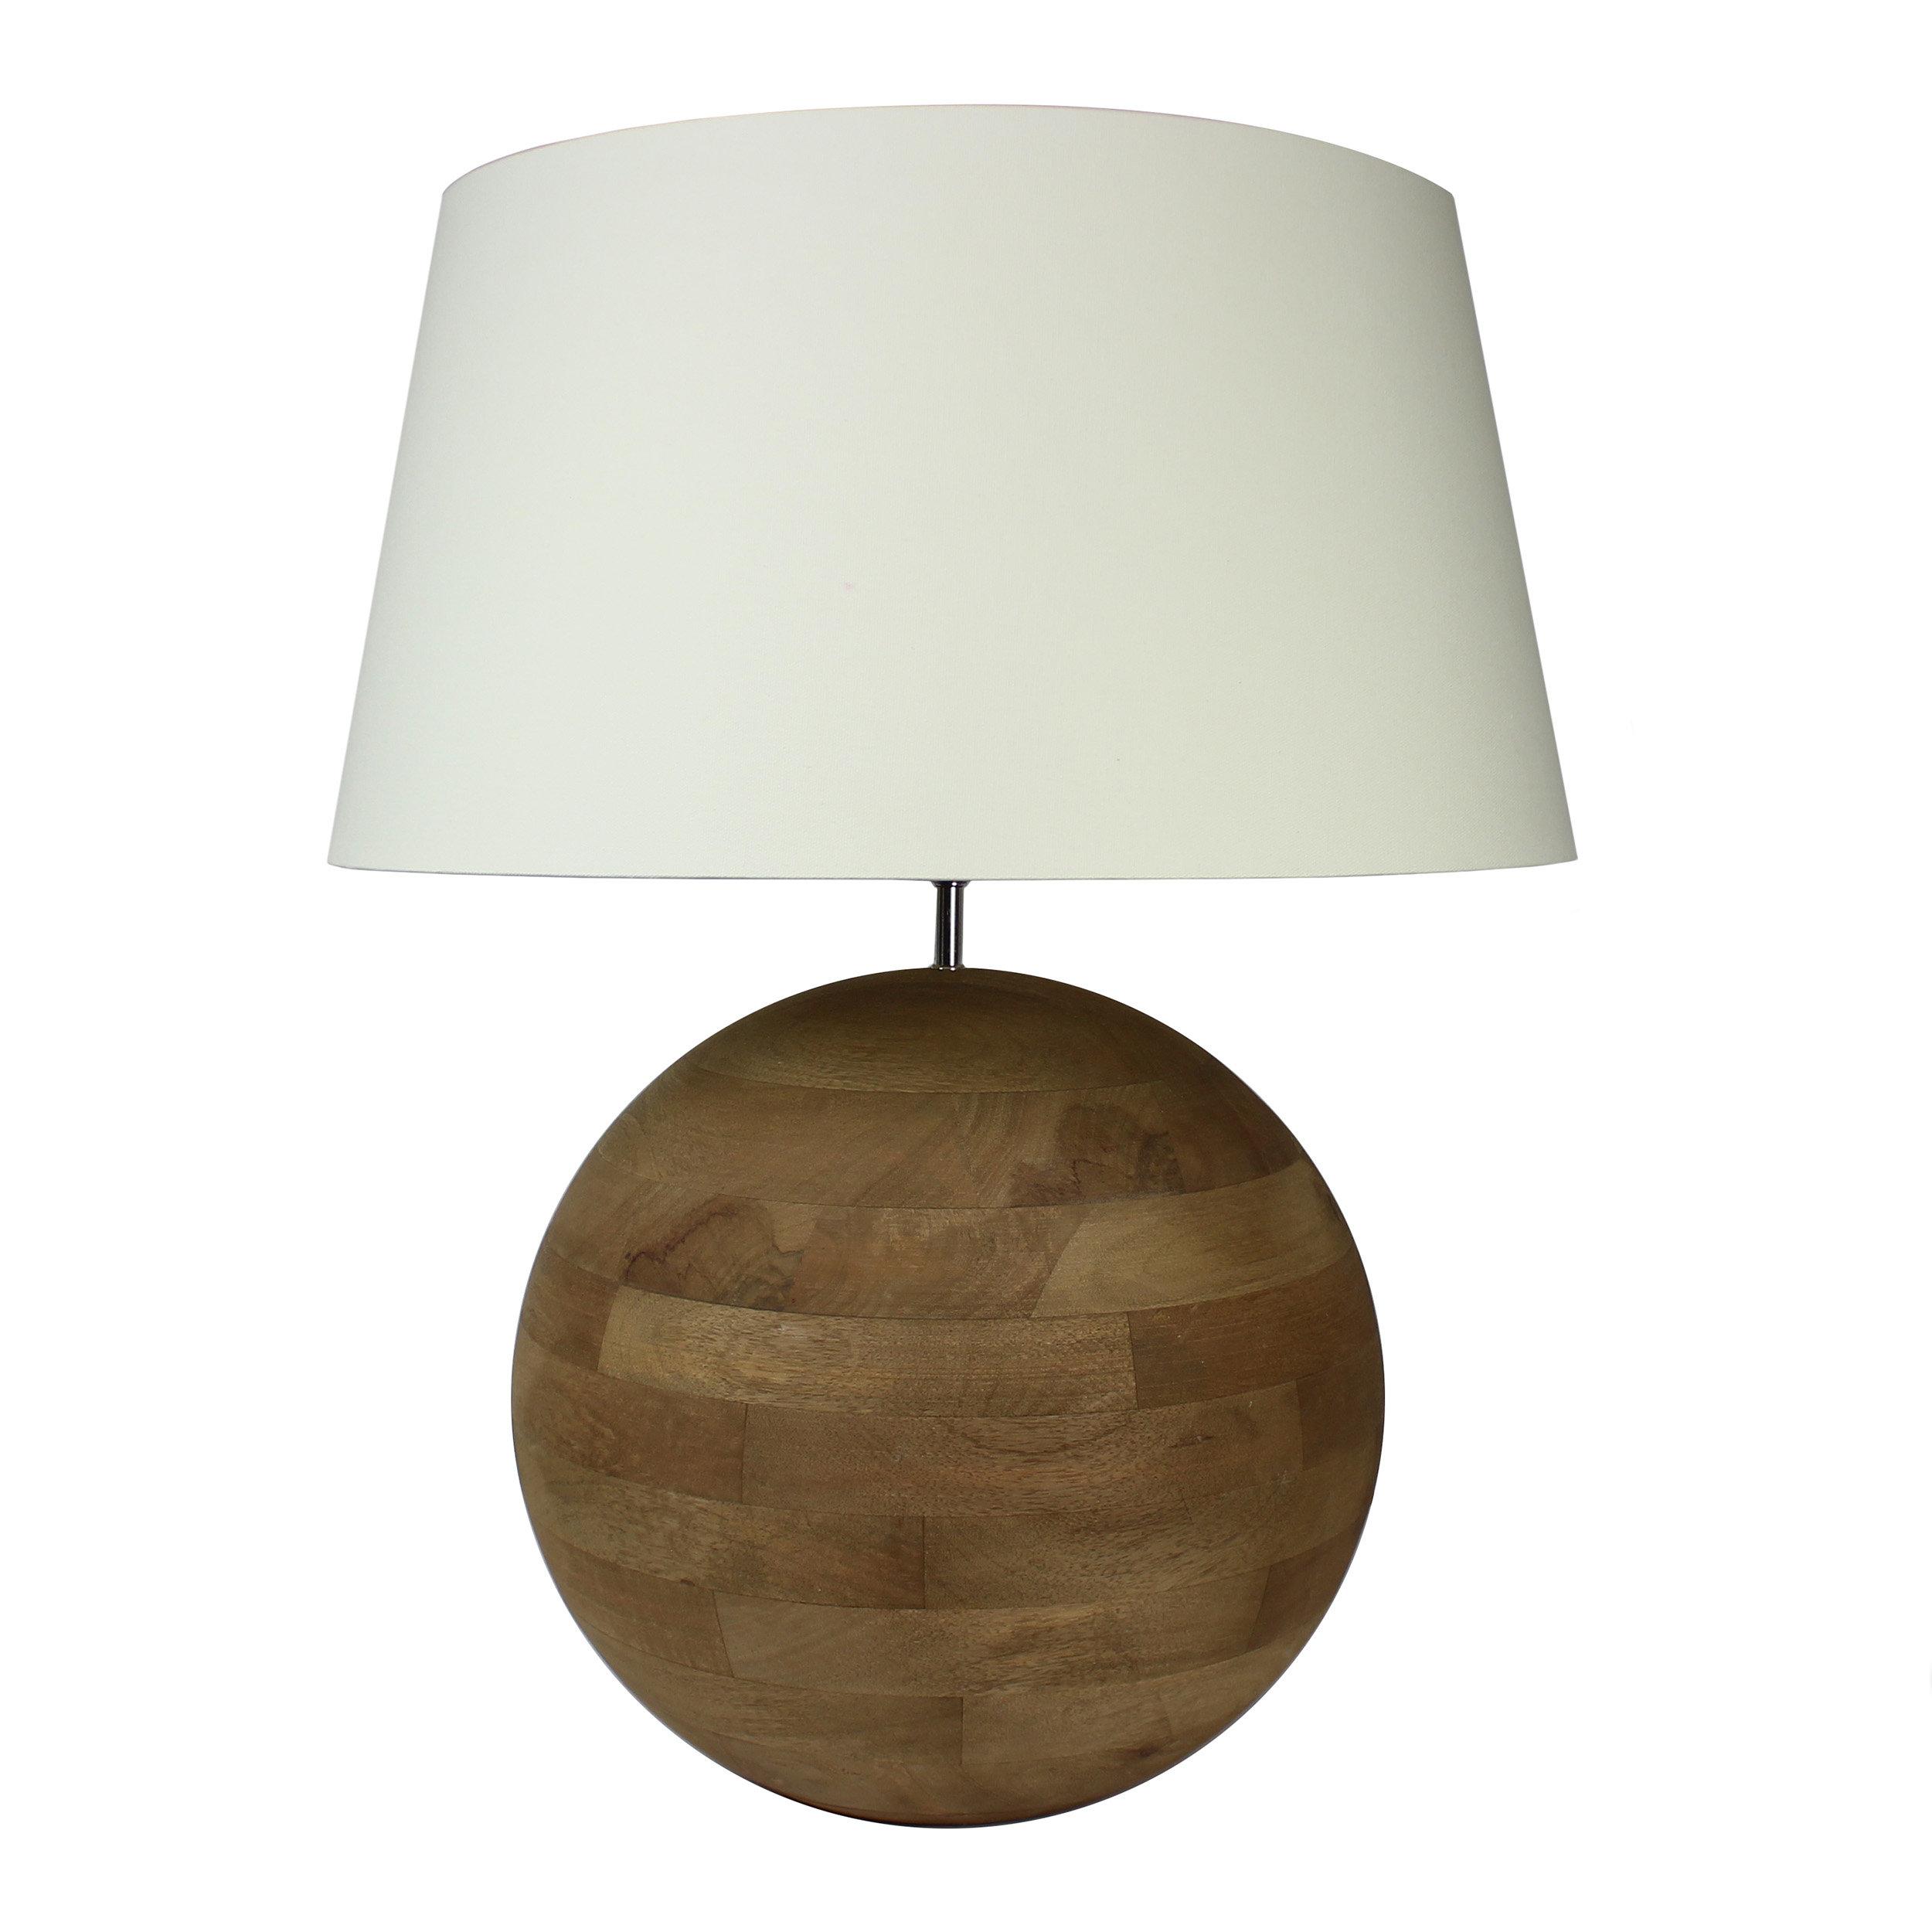 Union rustic ganya sphere handcrafted 27 table lamp wayfair